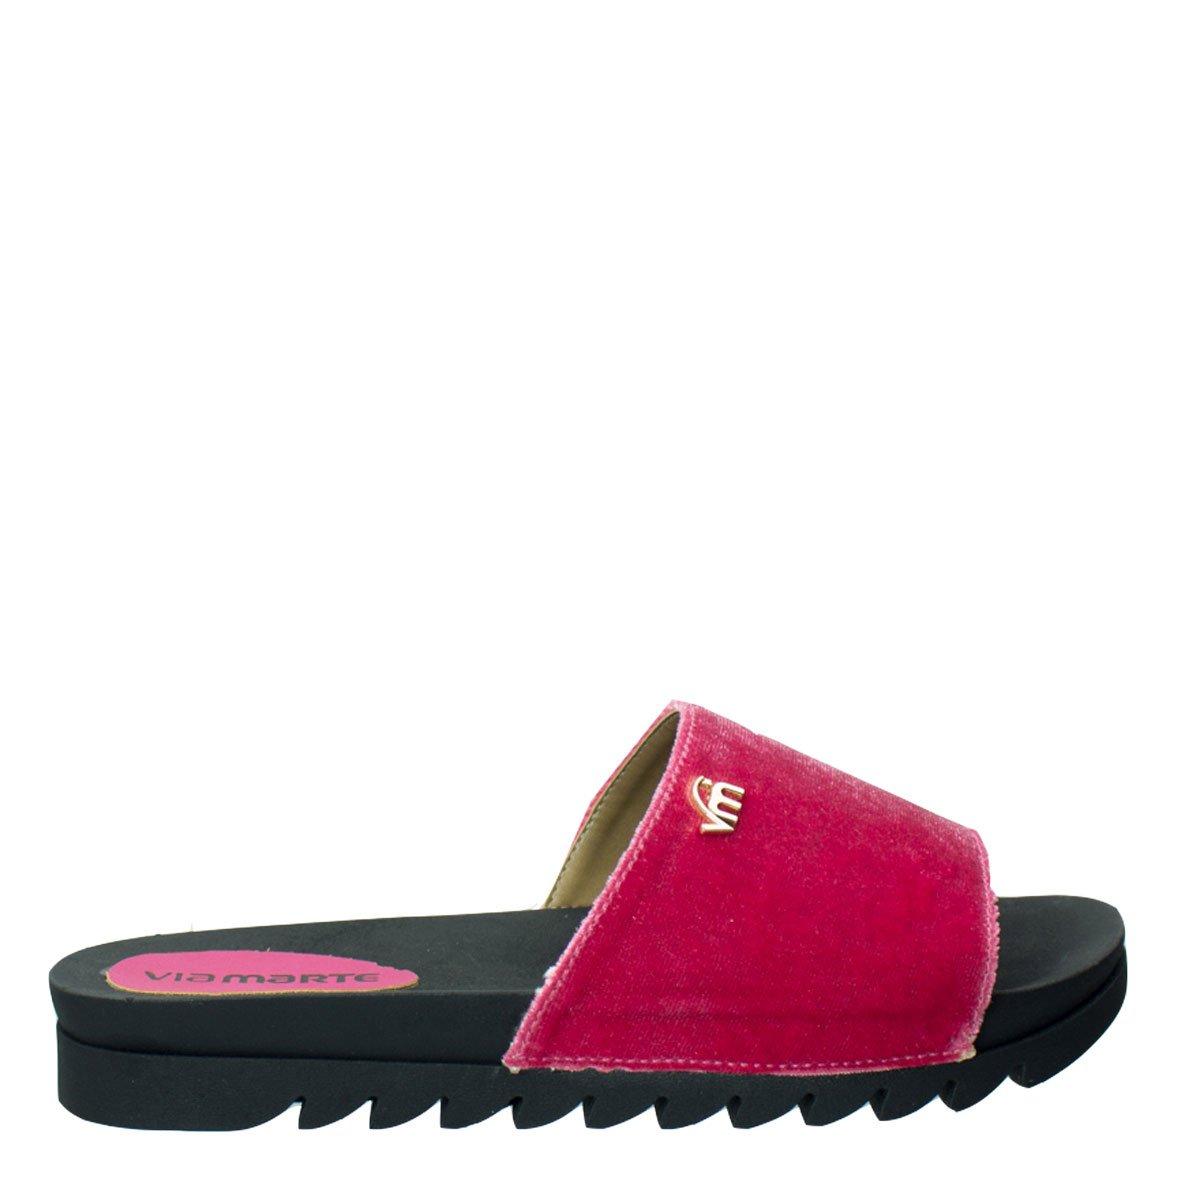 11a18d58620 Bizz Store - Chinelo Slide Feminino Via Marte Veludo